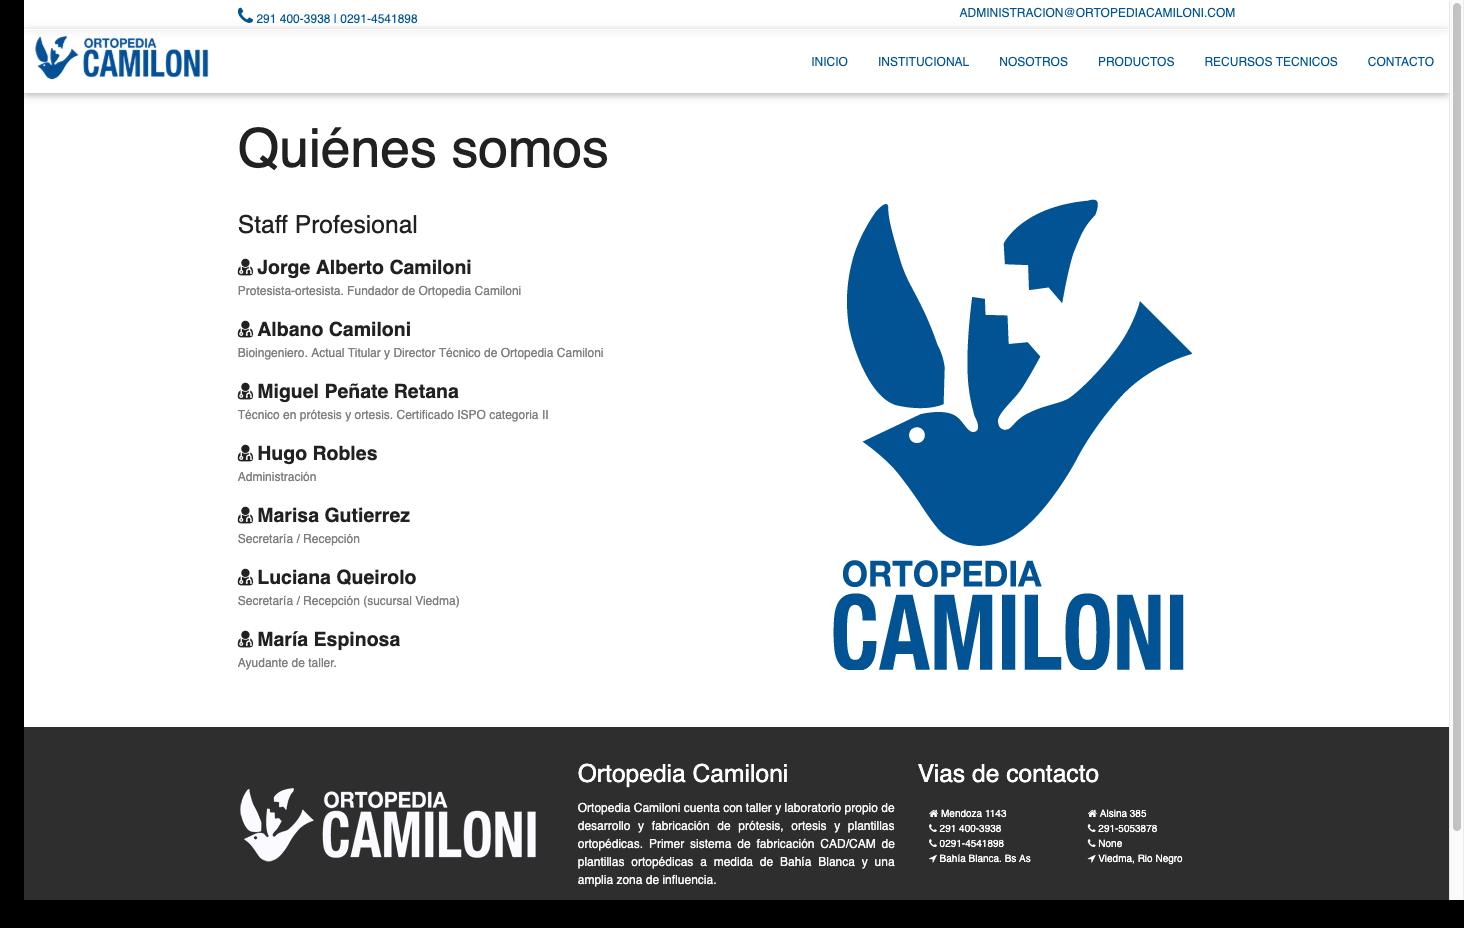 Ortopedia Camiloni